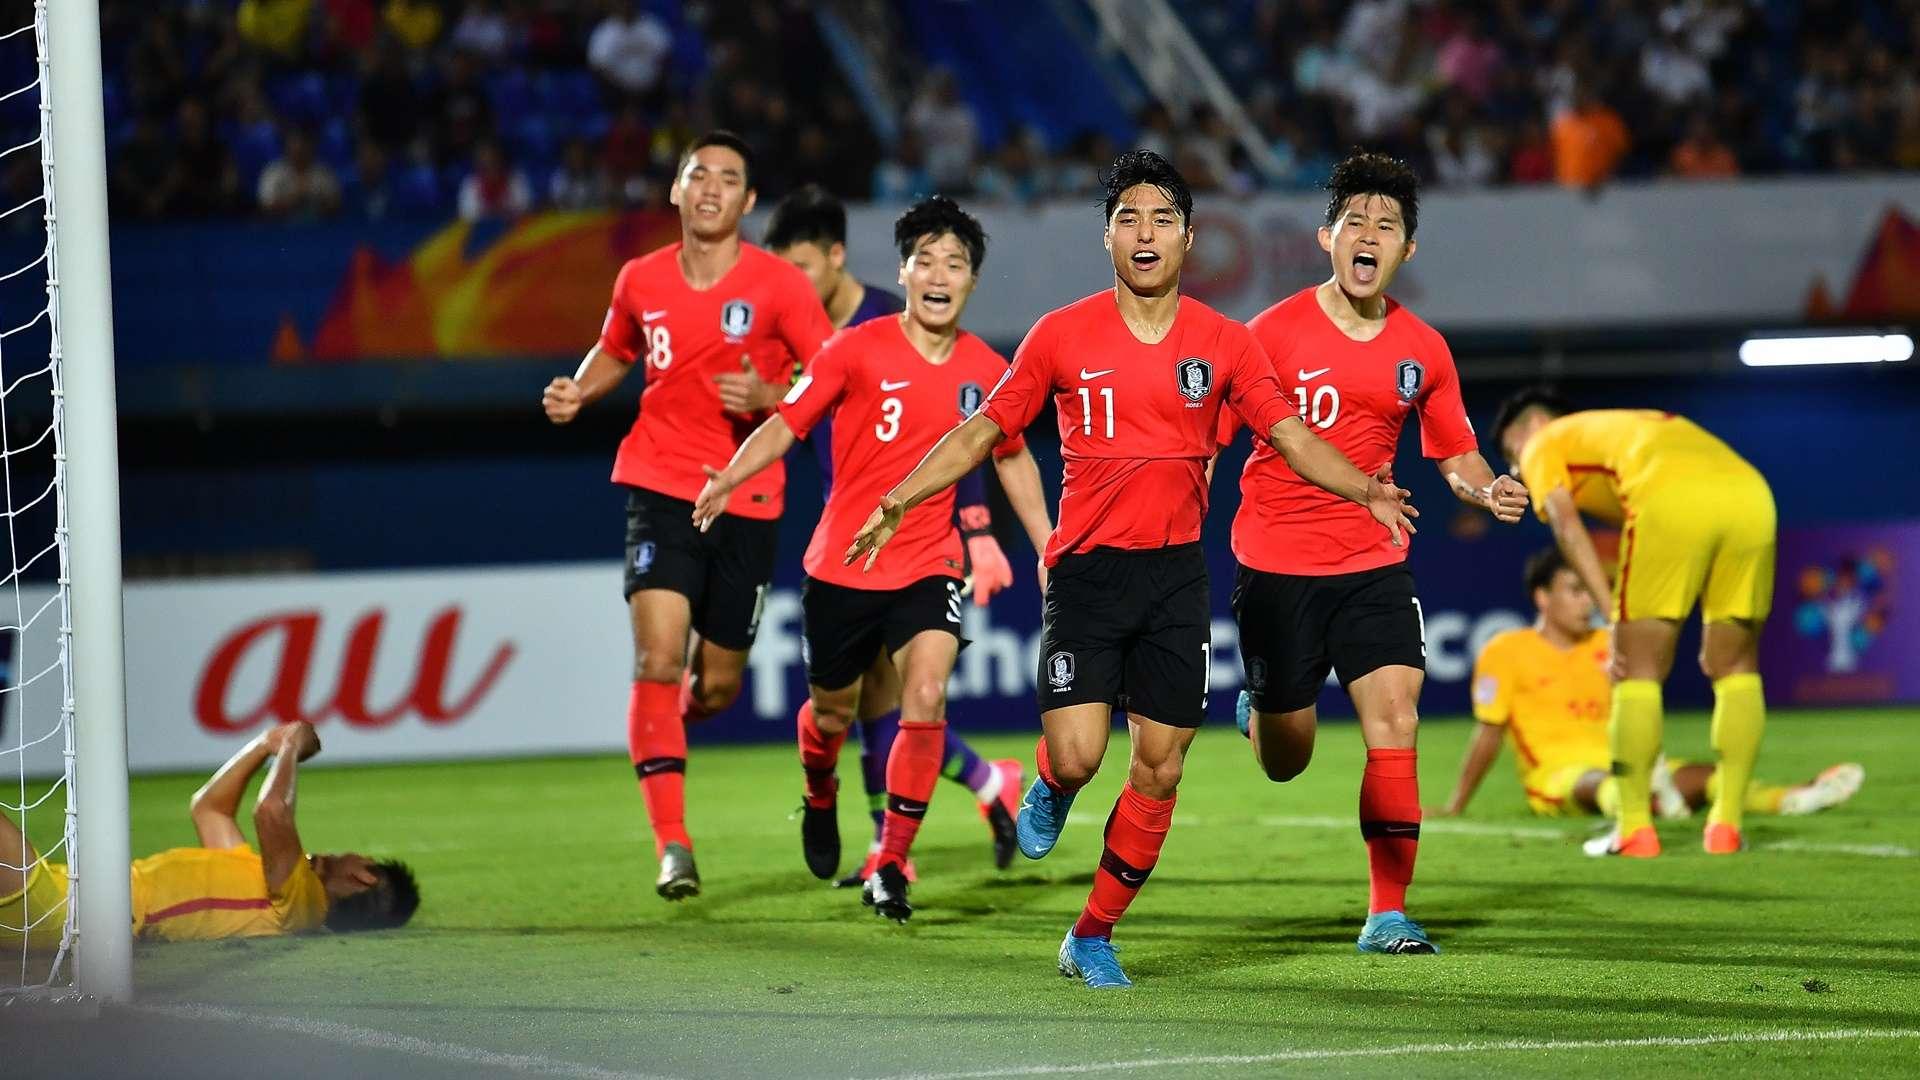 Điểm danh 14/16 đội tuyển tham dự Olympic 2020 - Bóng Đá